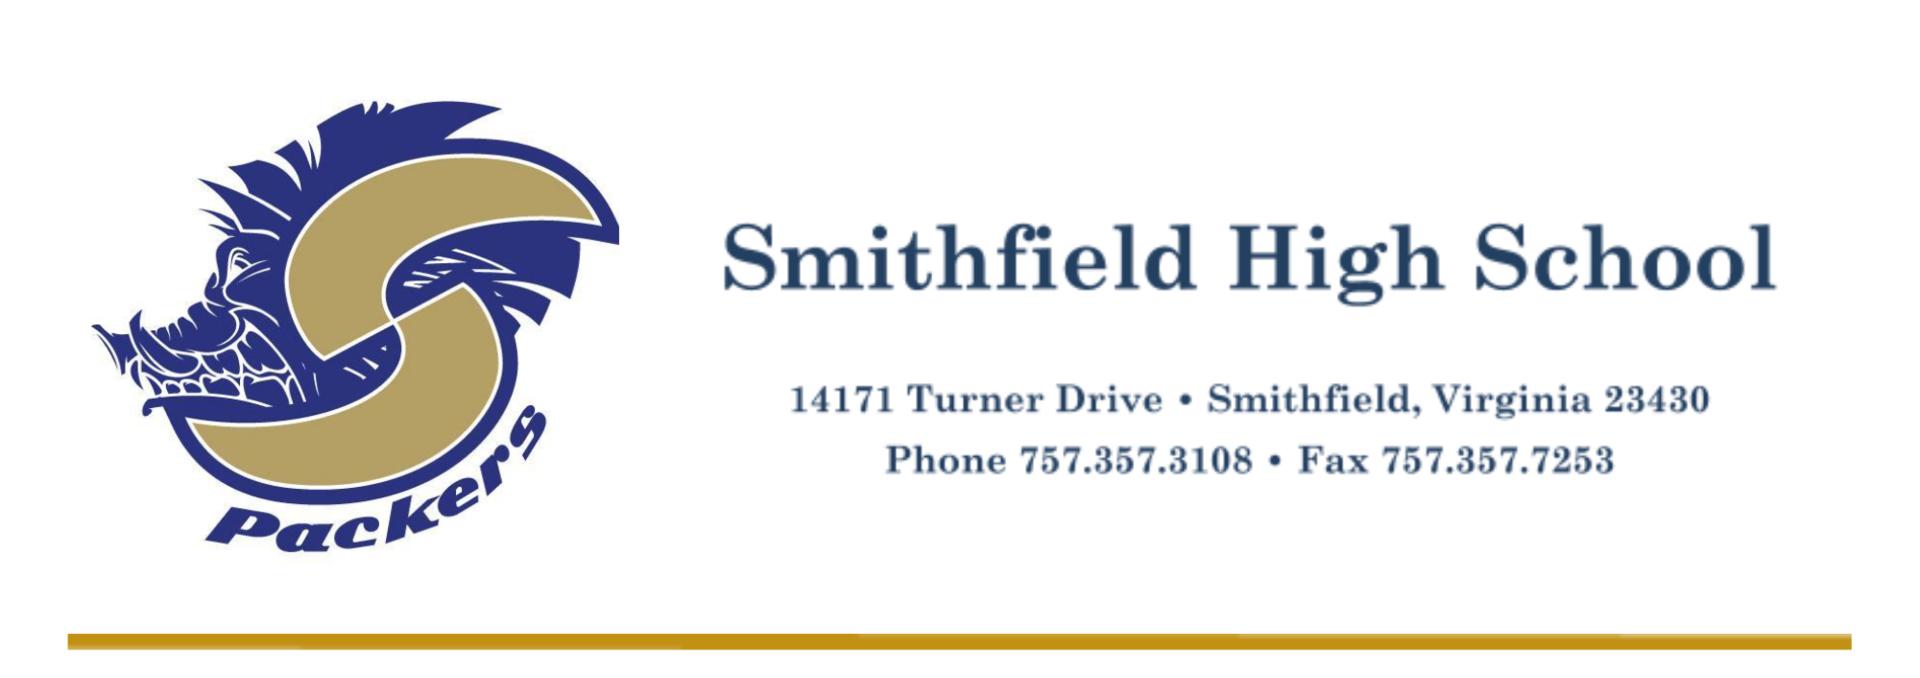 SHS letterhead